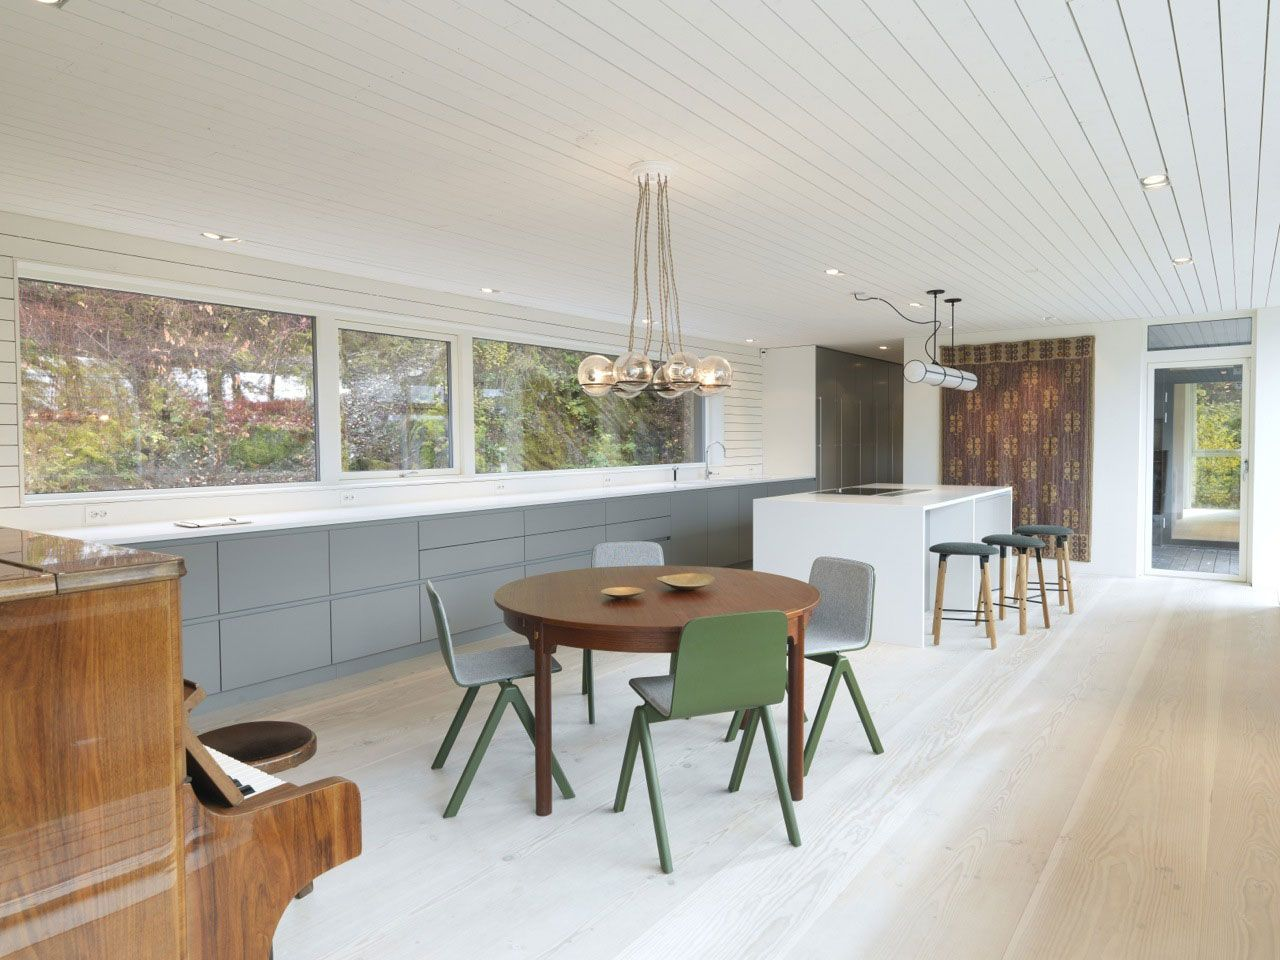 Villa-S-Saunders-Architecture-11